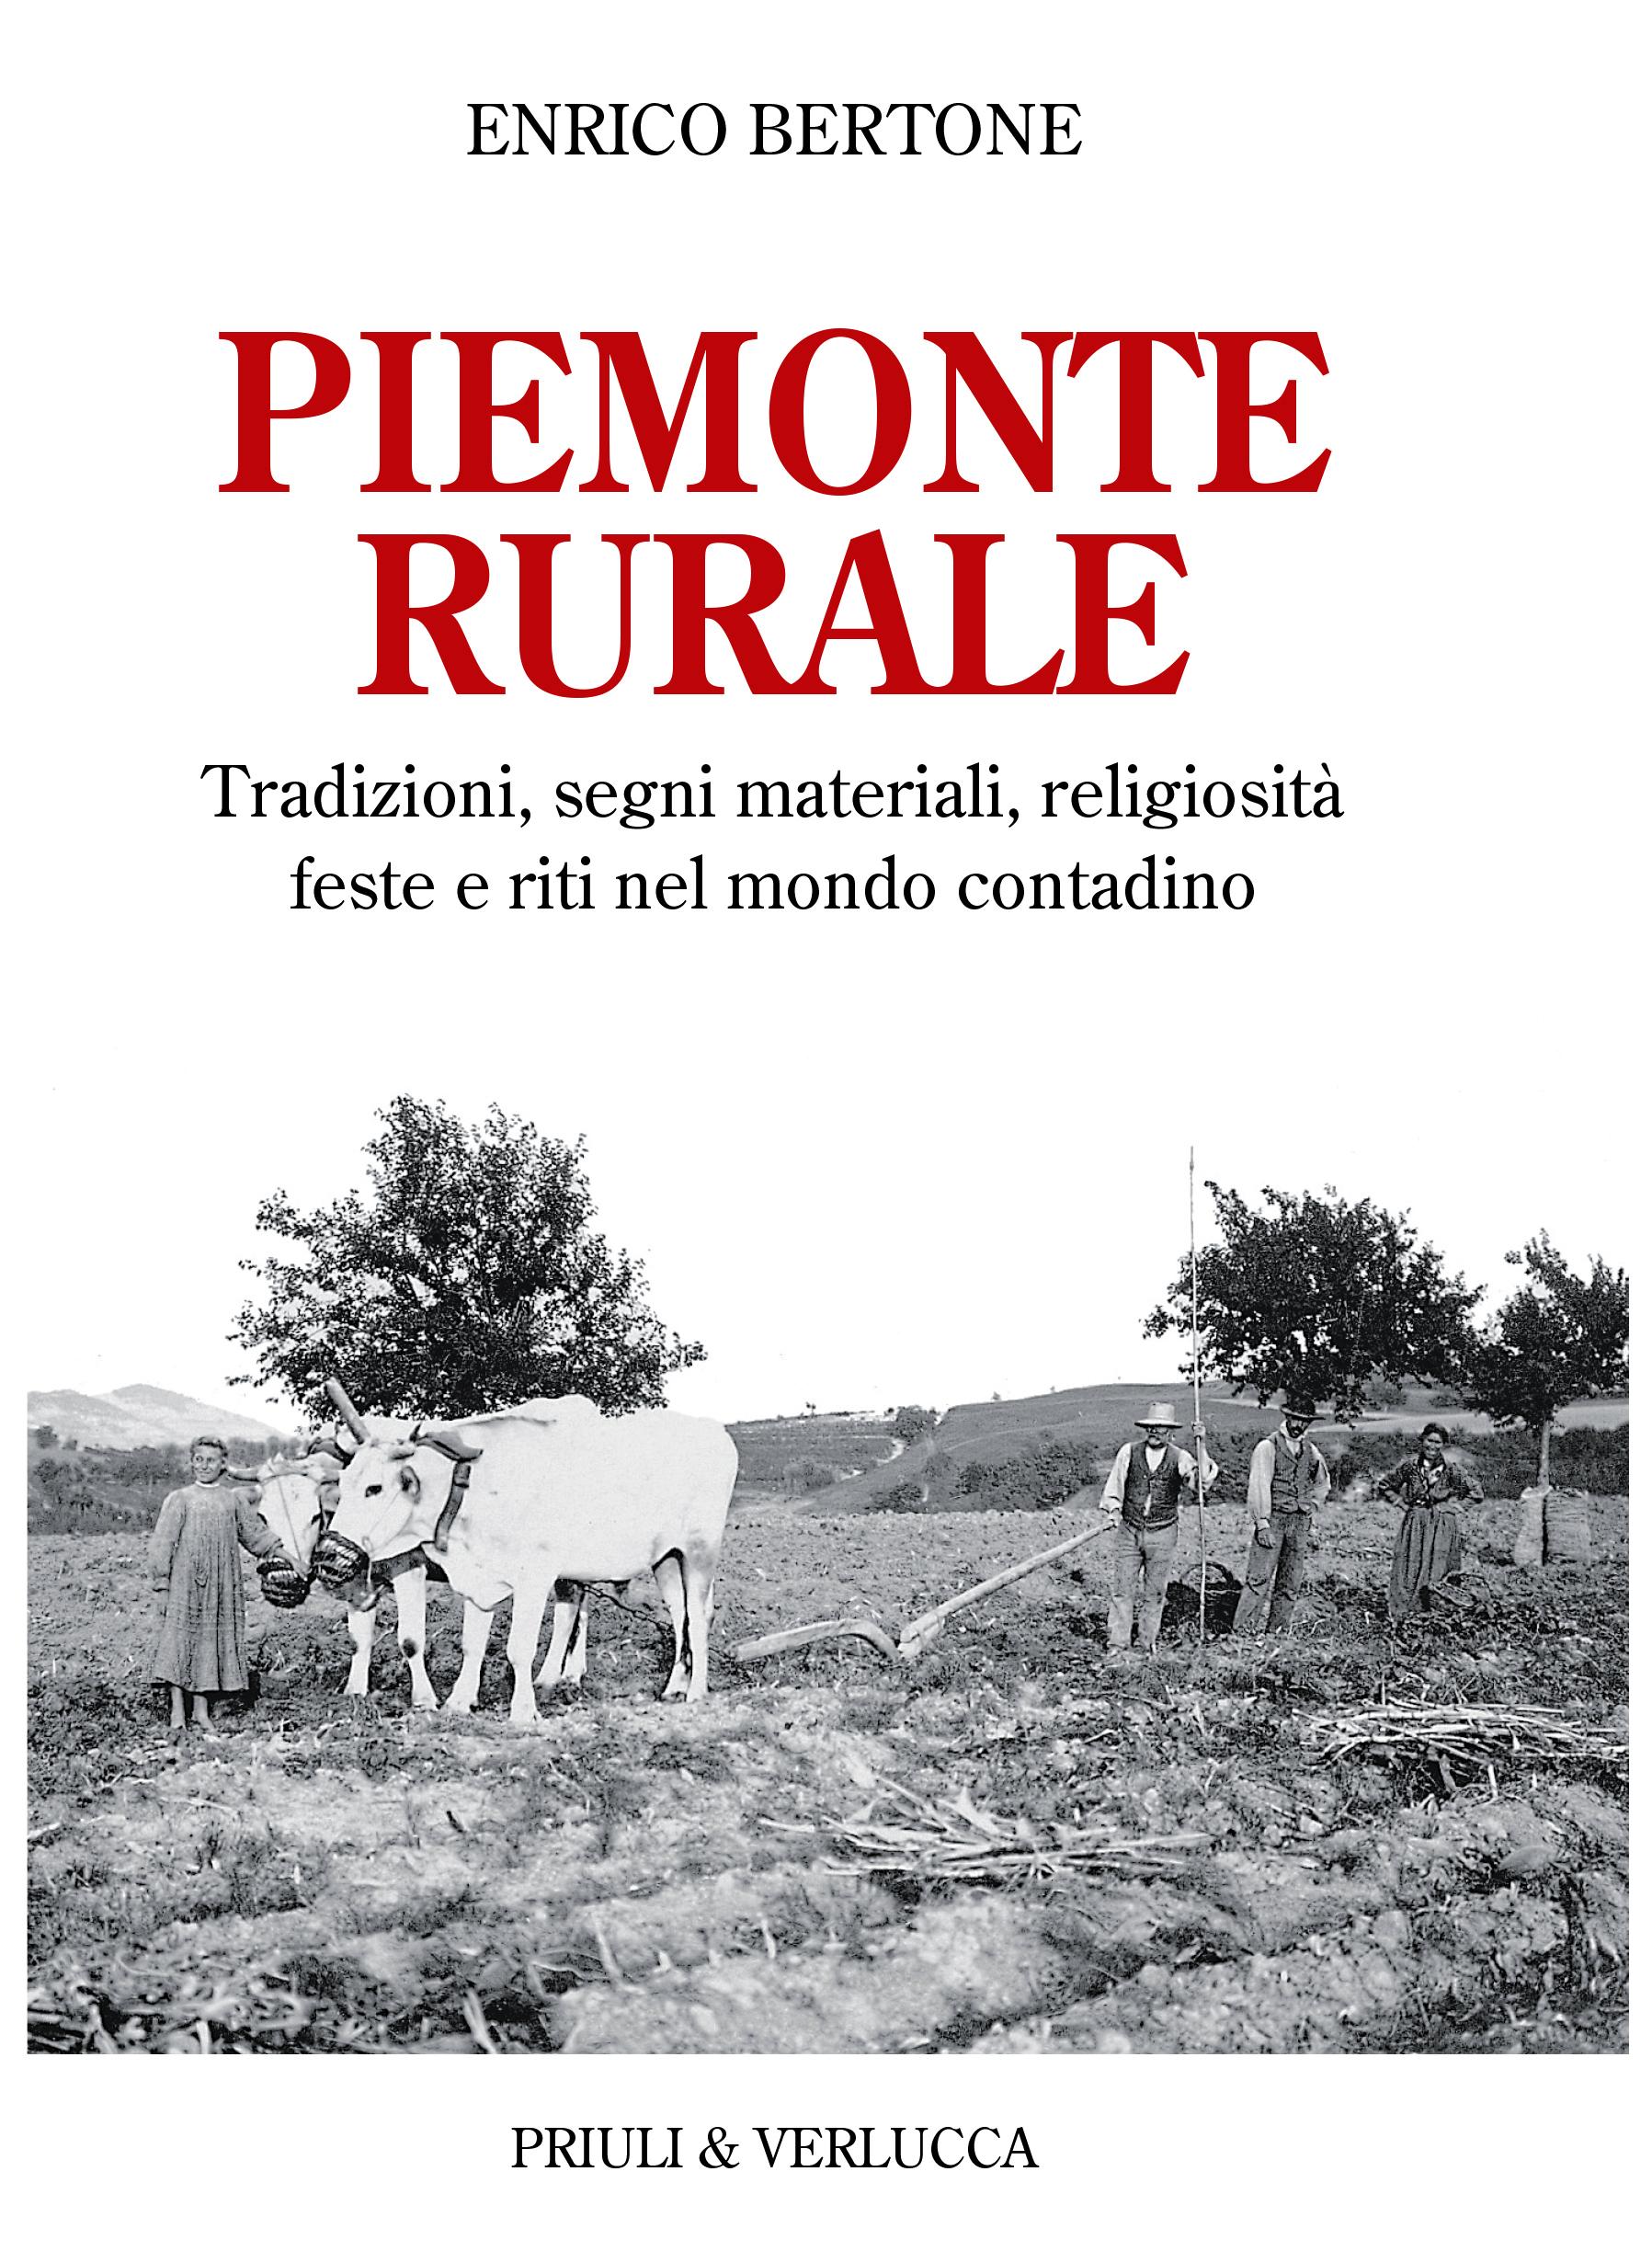 Piemonte rurale